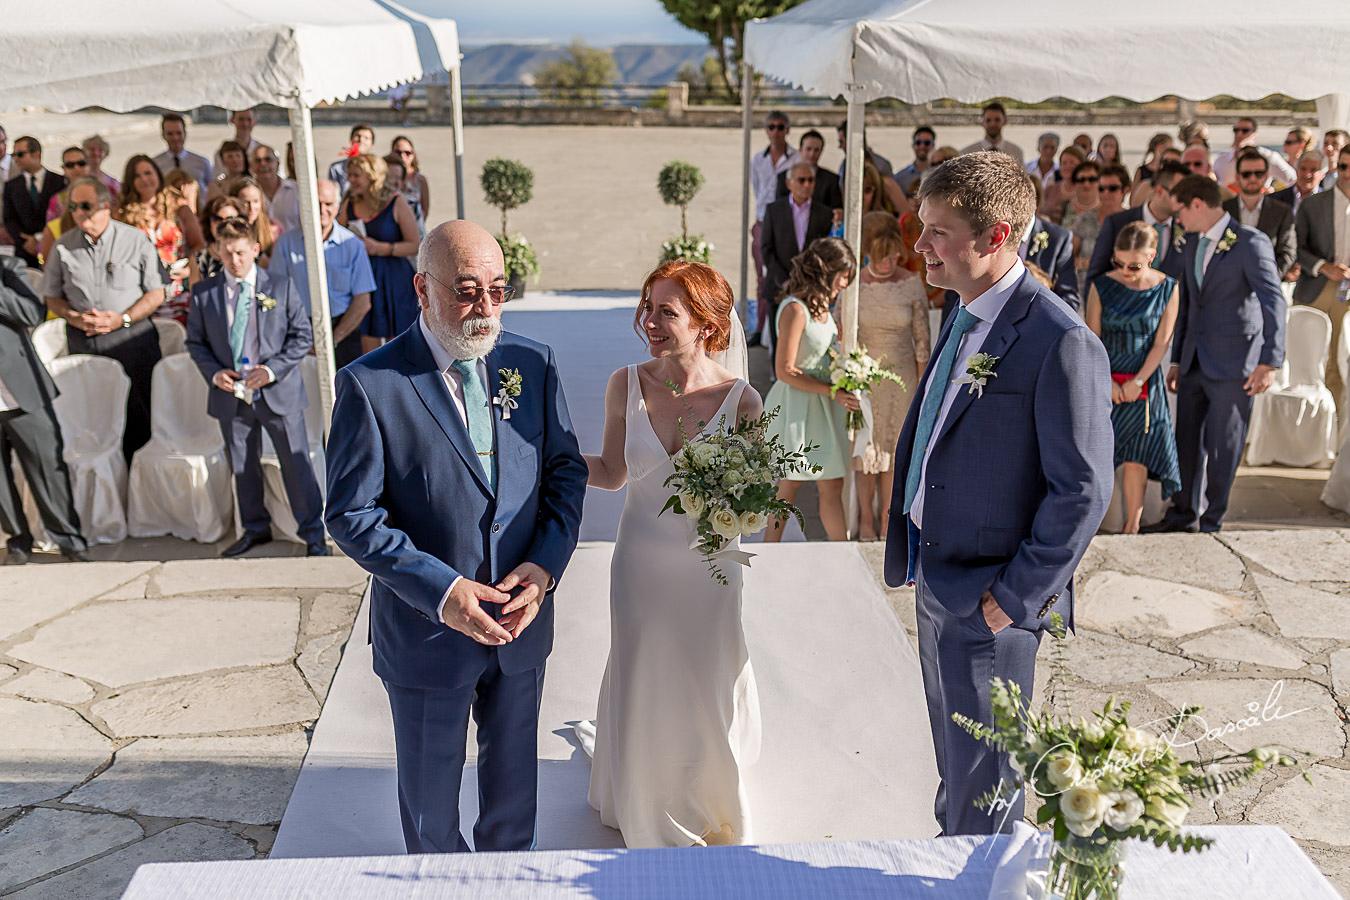 Wedding Celebration at Apokryfo - 41